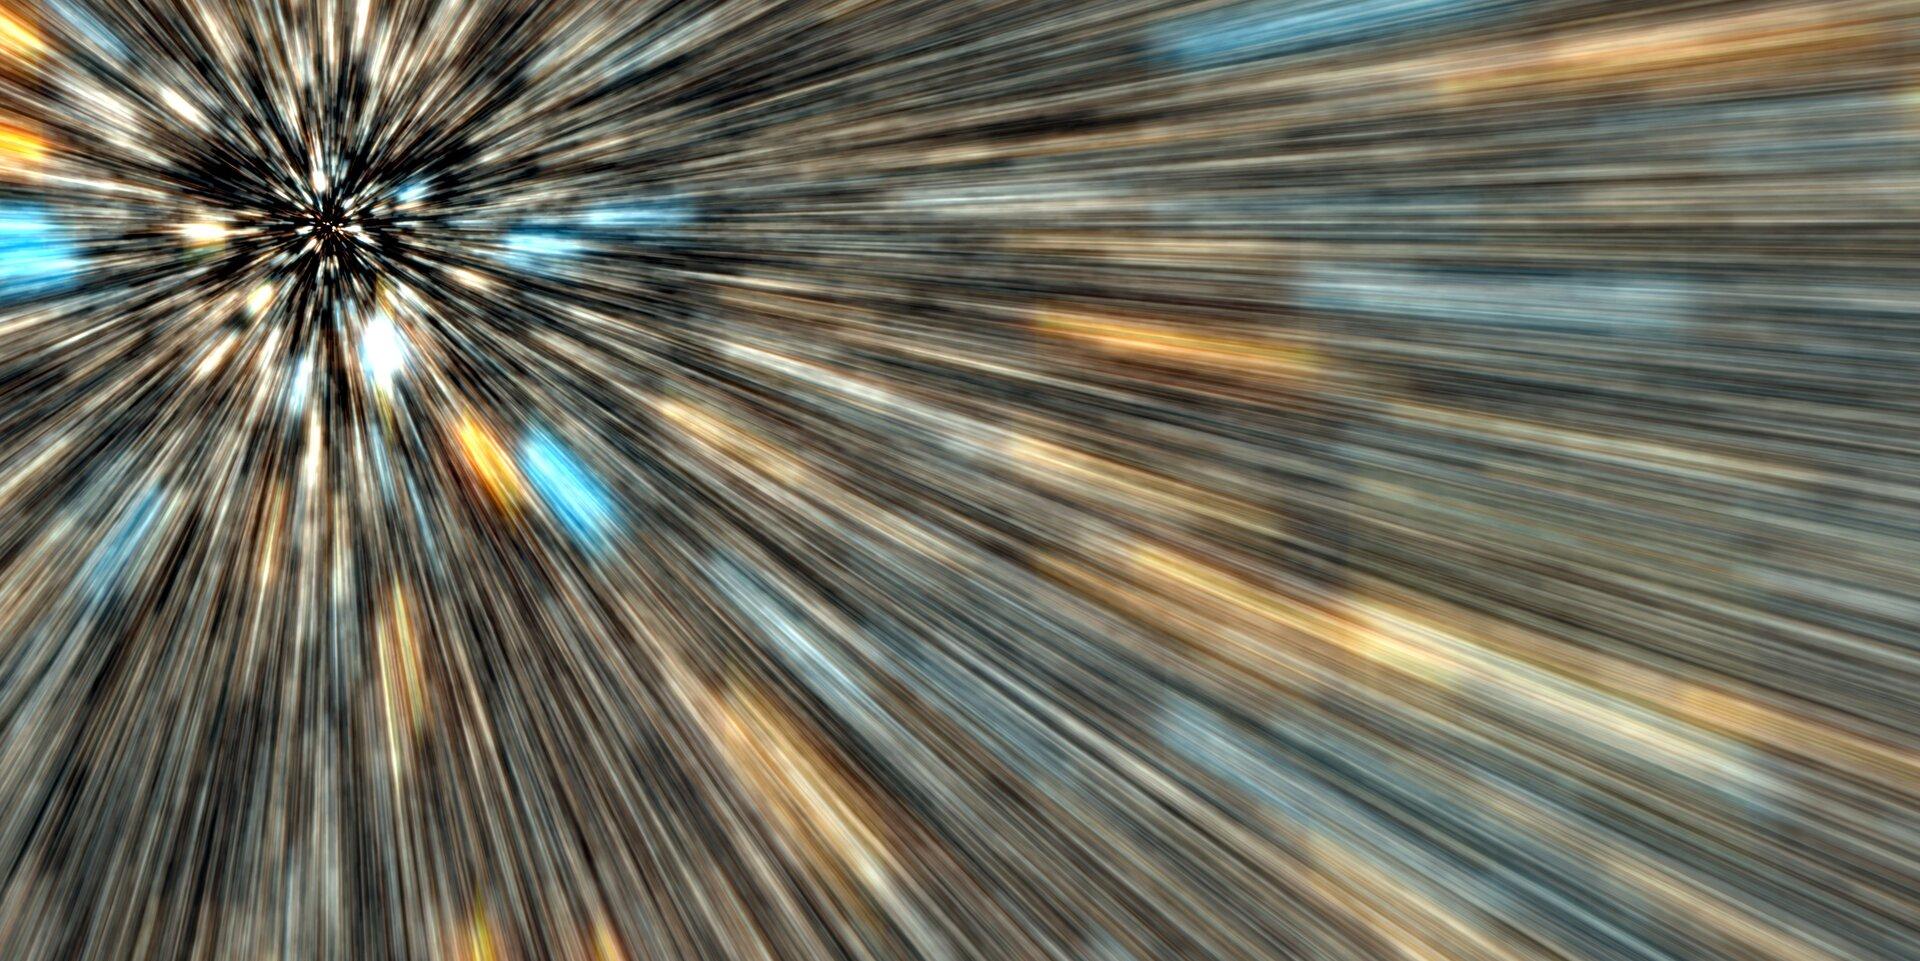 Zdjęcie będące artystyczną wizja hasła: szybkość światła